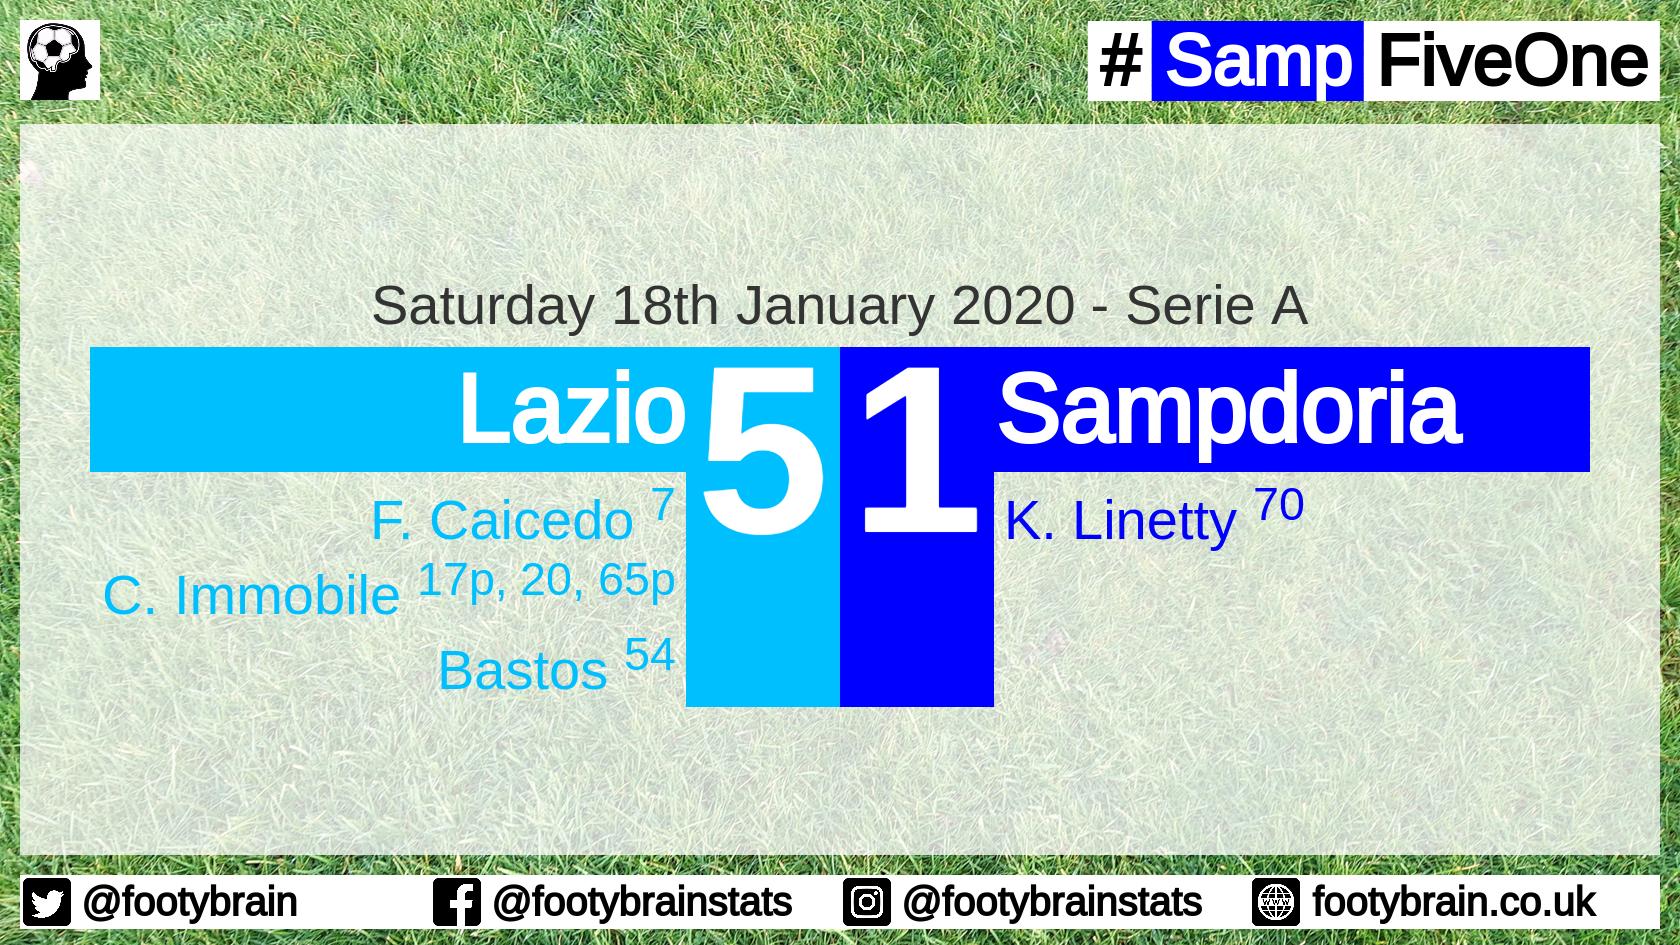 Lazio 5 Sampdoria 1, Jan 2020